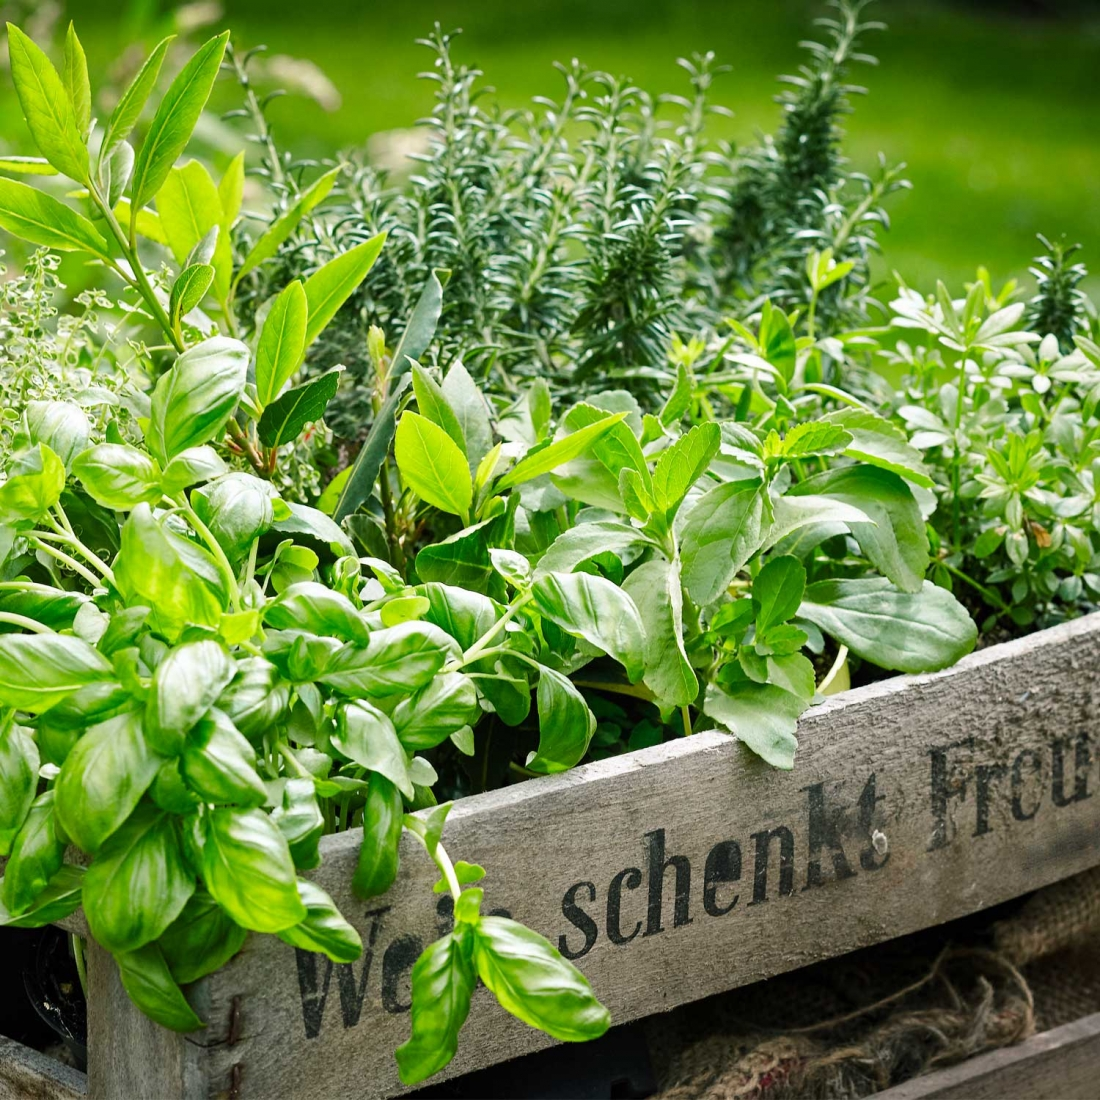 Come Far Morire Una Pianta piante aromatiche, quando è il momento giusto per la potatura?